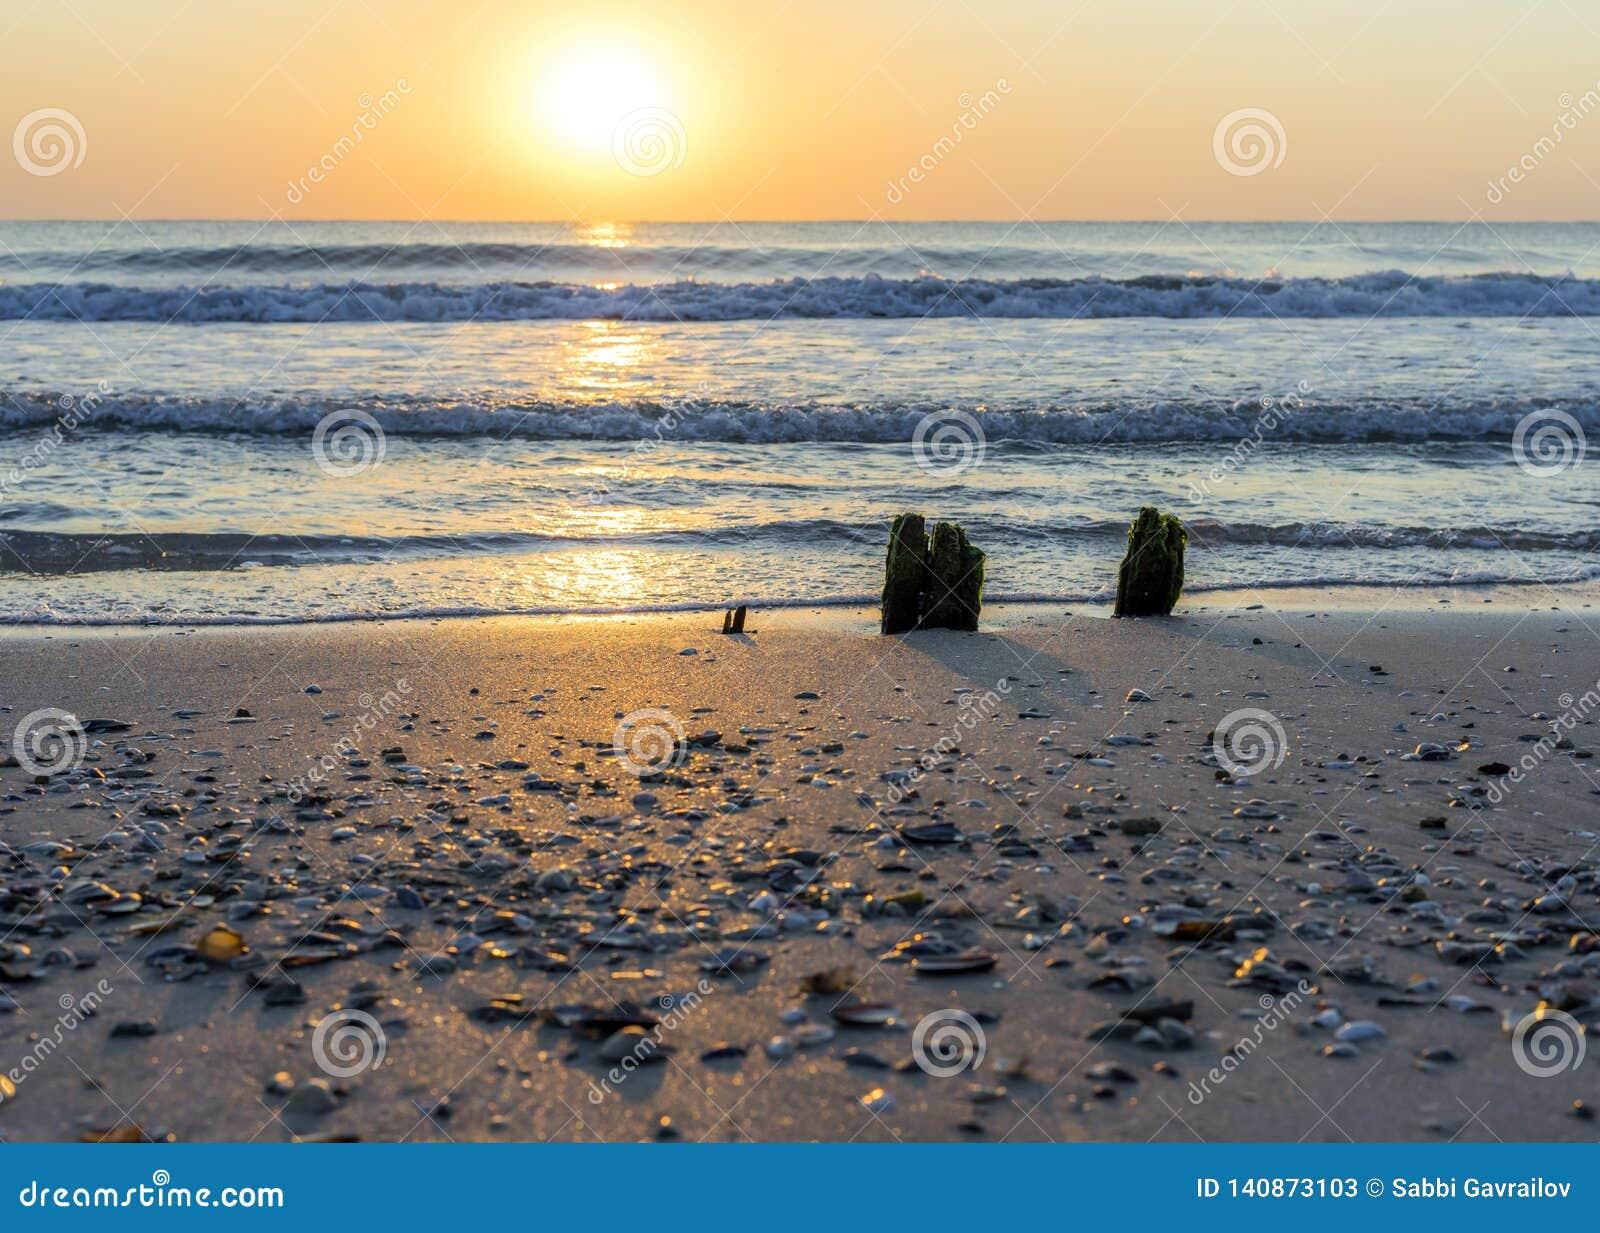 Pokojowy i relaksujący miejsce morzem z sensem dla